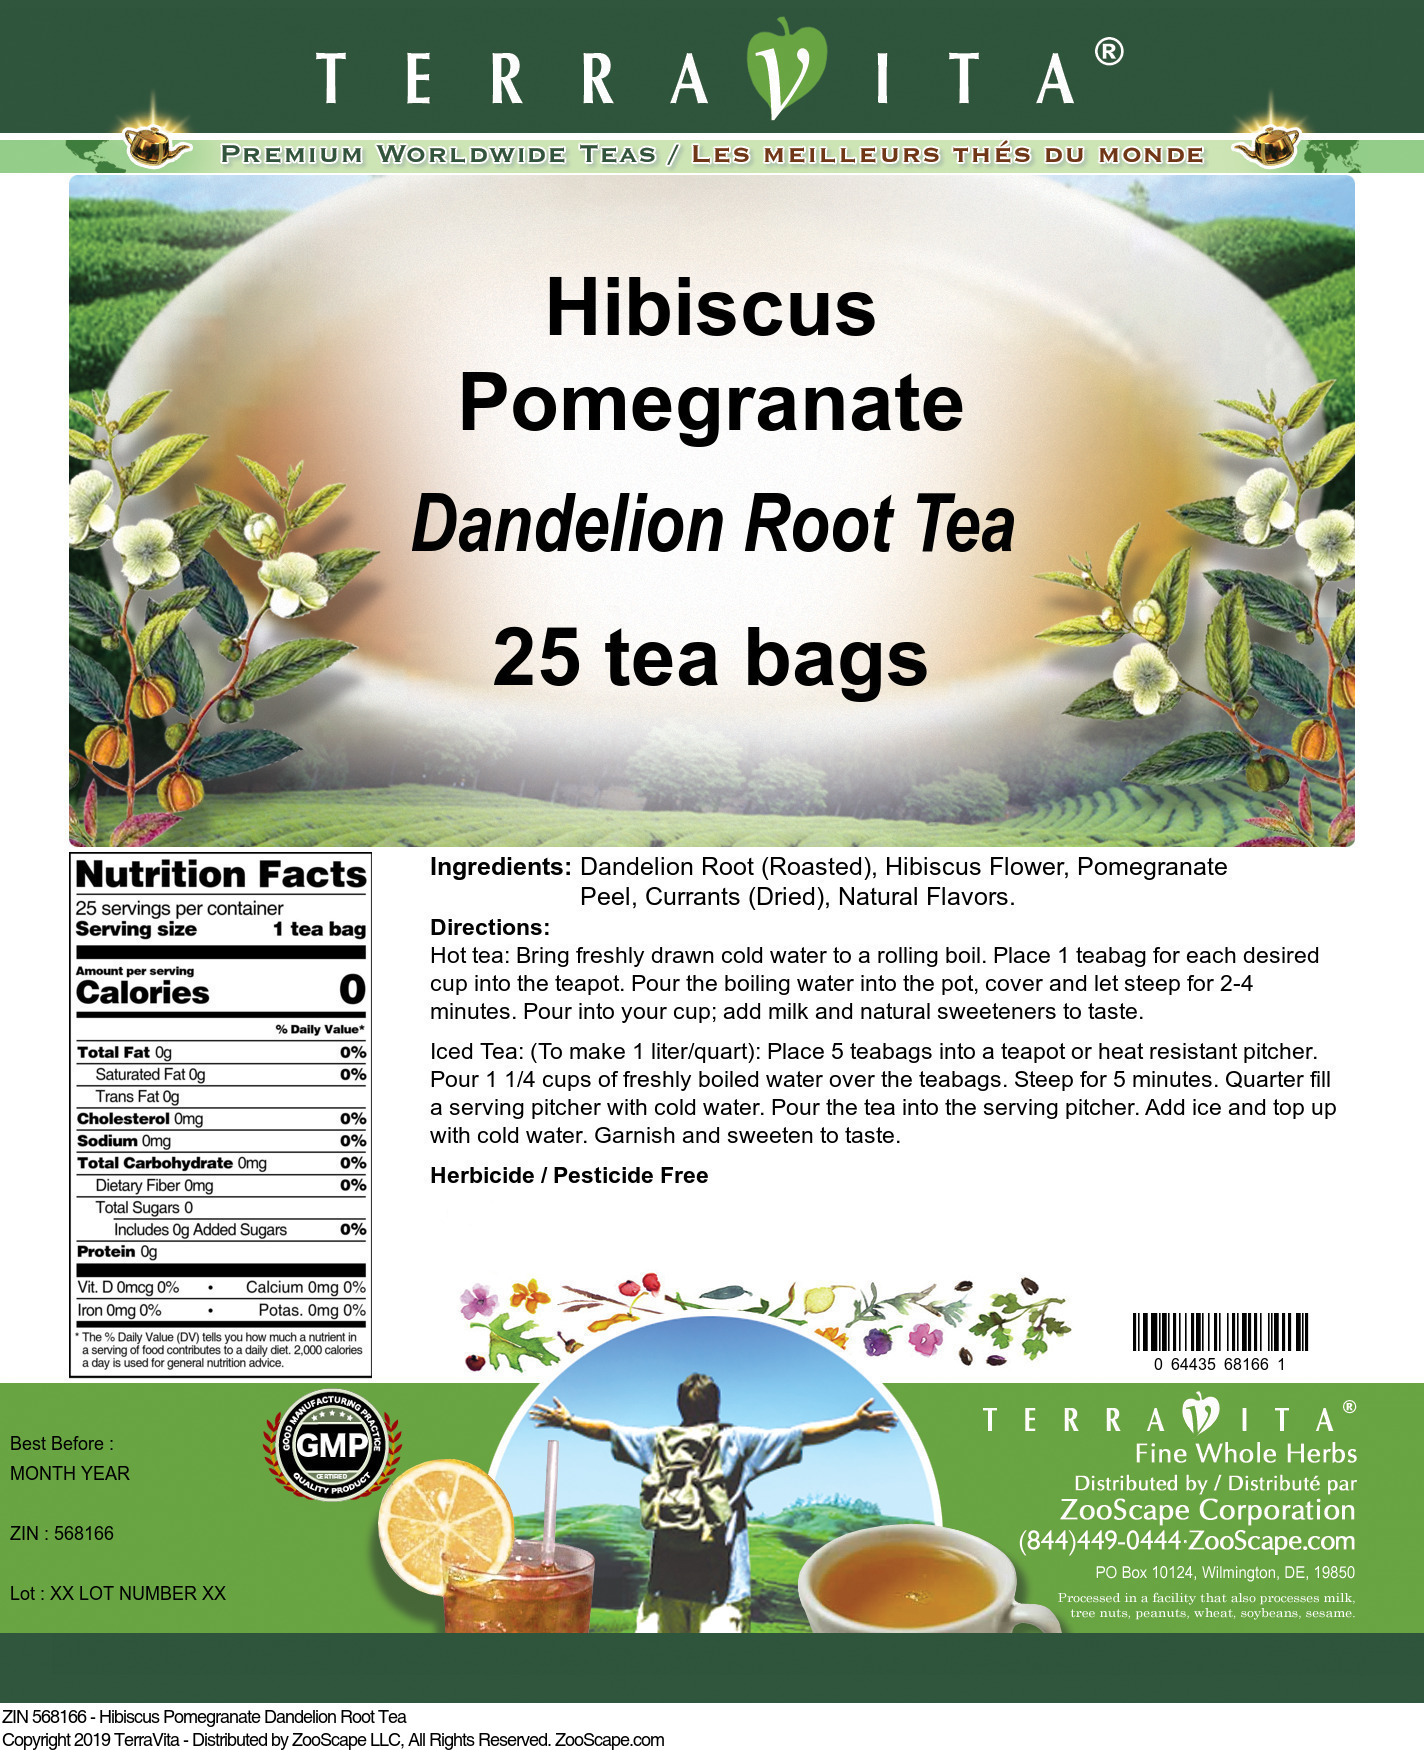 Hibiscus Pomegranate Dandelion Root Tea